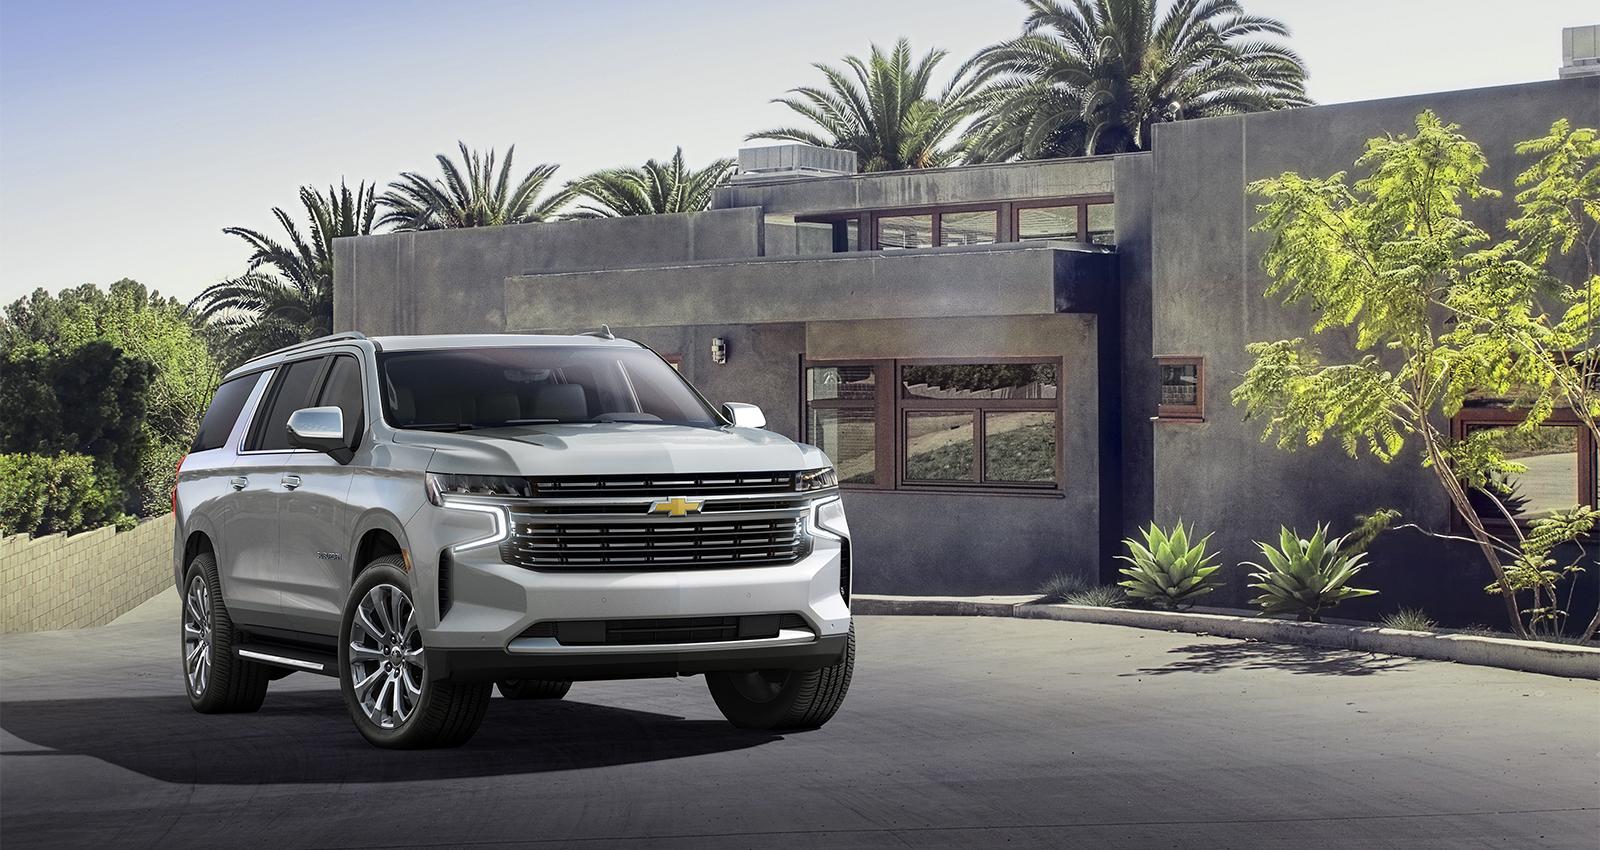 Kelebihan Kekurangan Chevrolet Suburban Top Model Tahun Ini